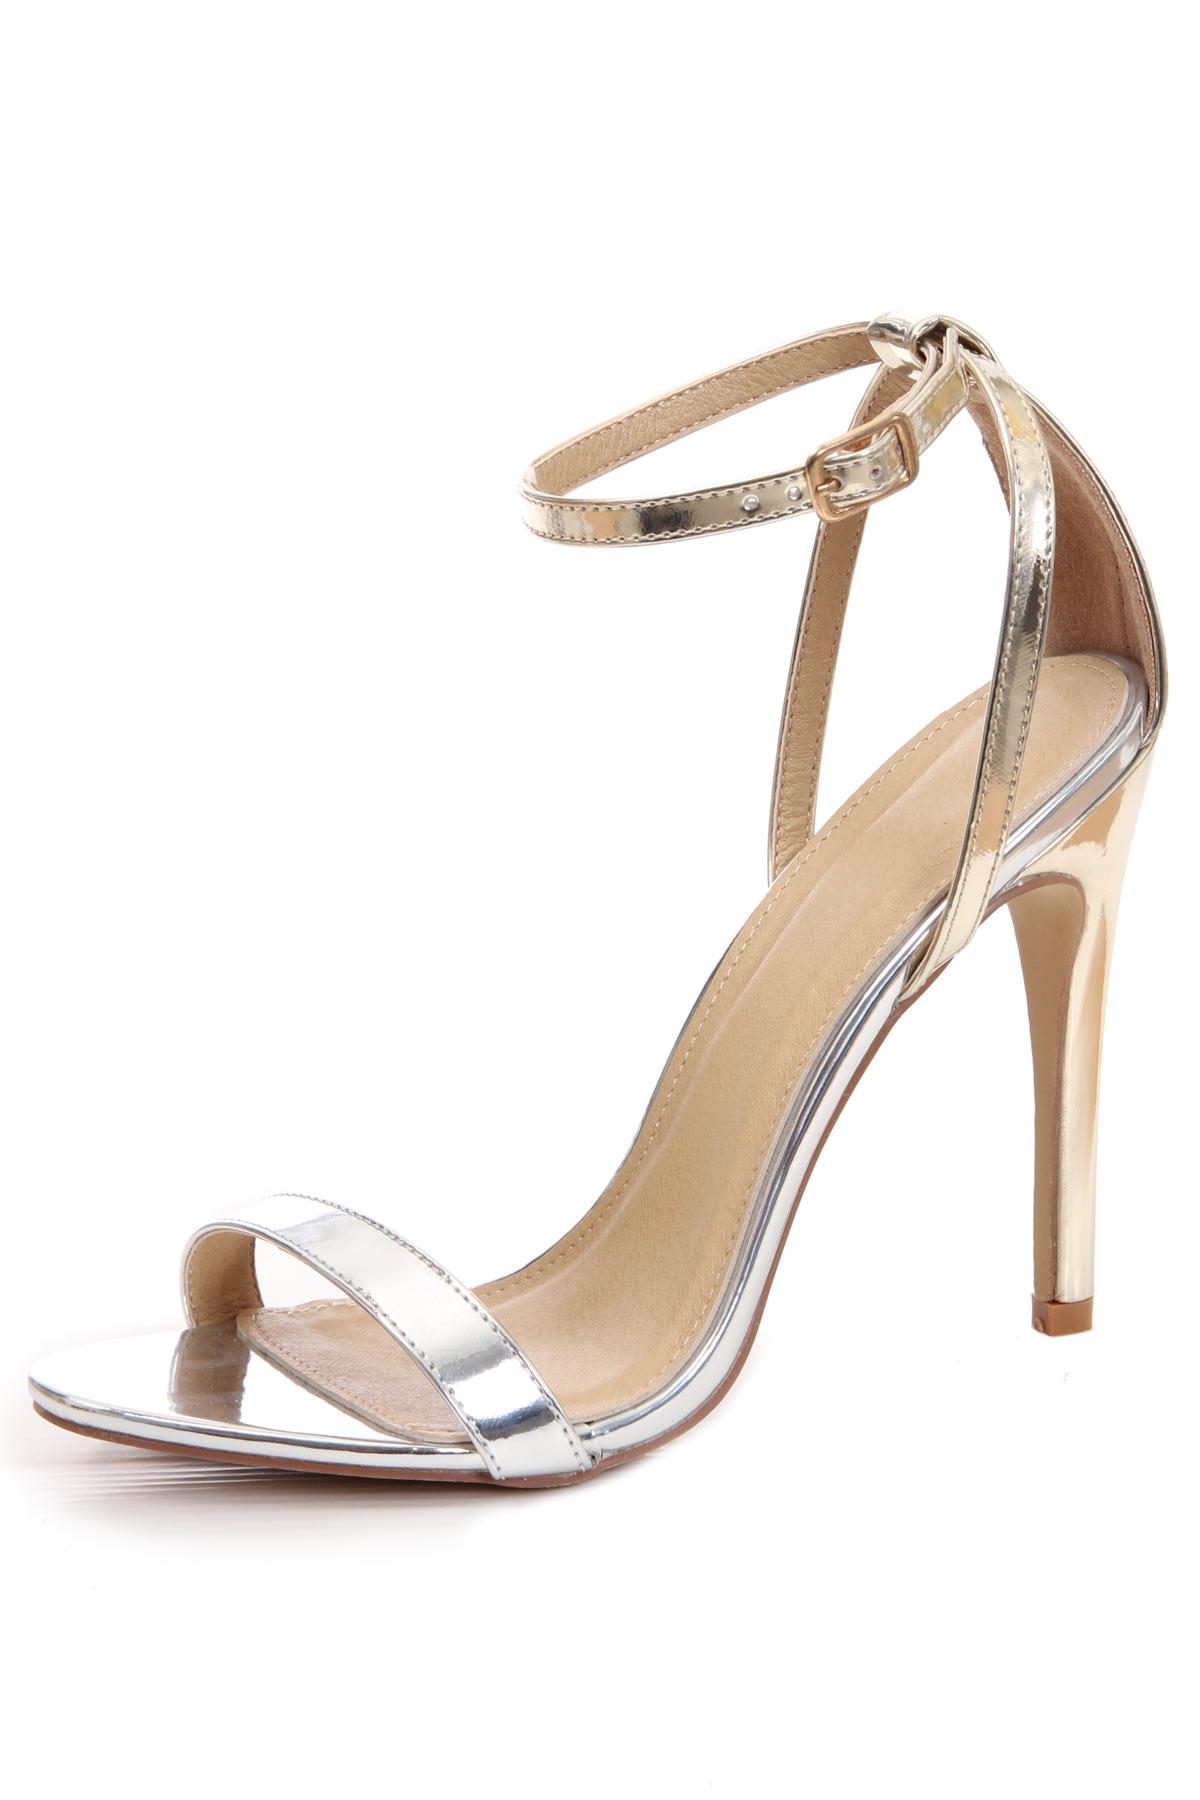 Sandales à talon haut effet bloc couleur dorées & argentée